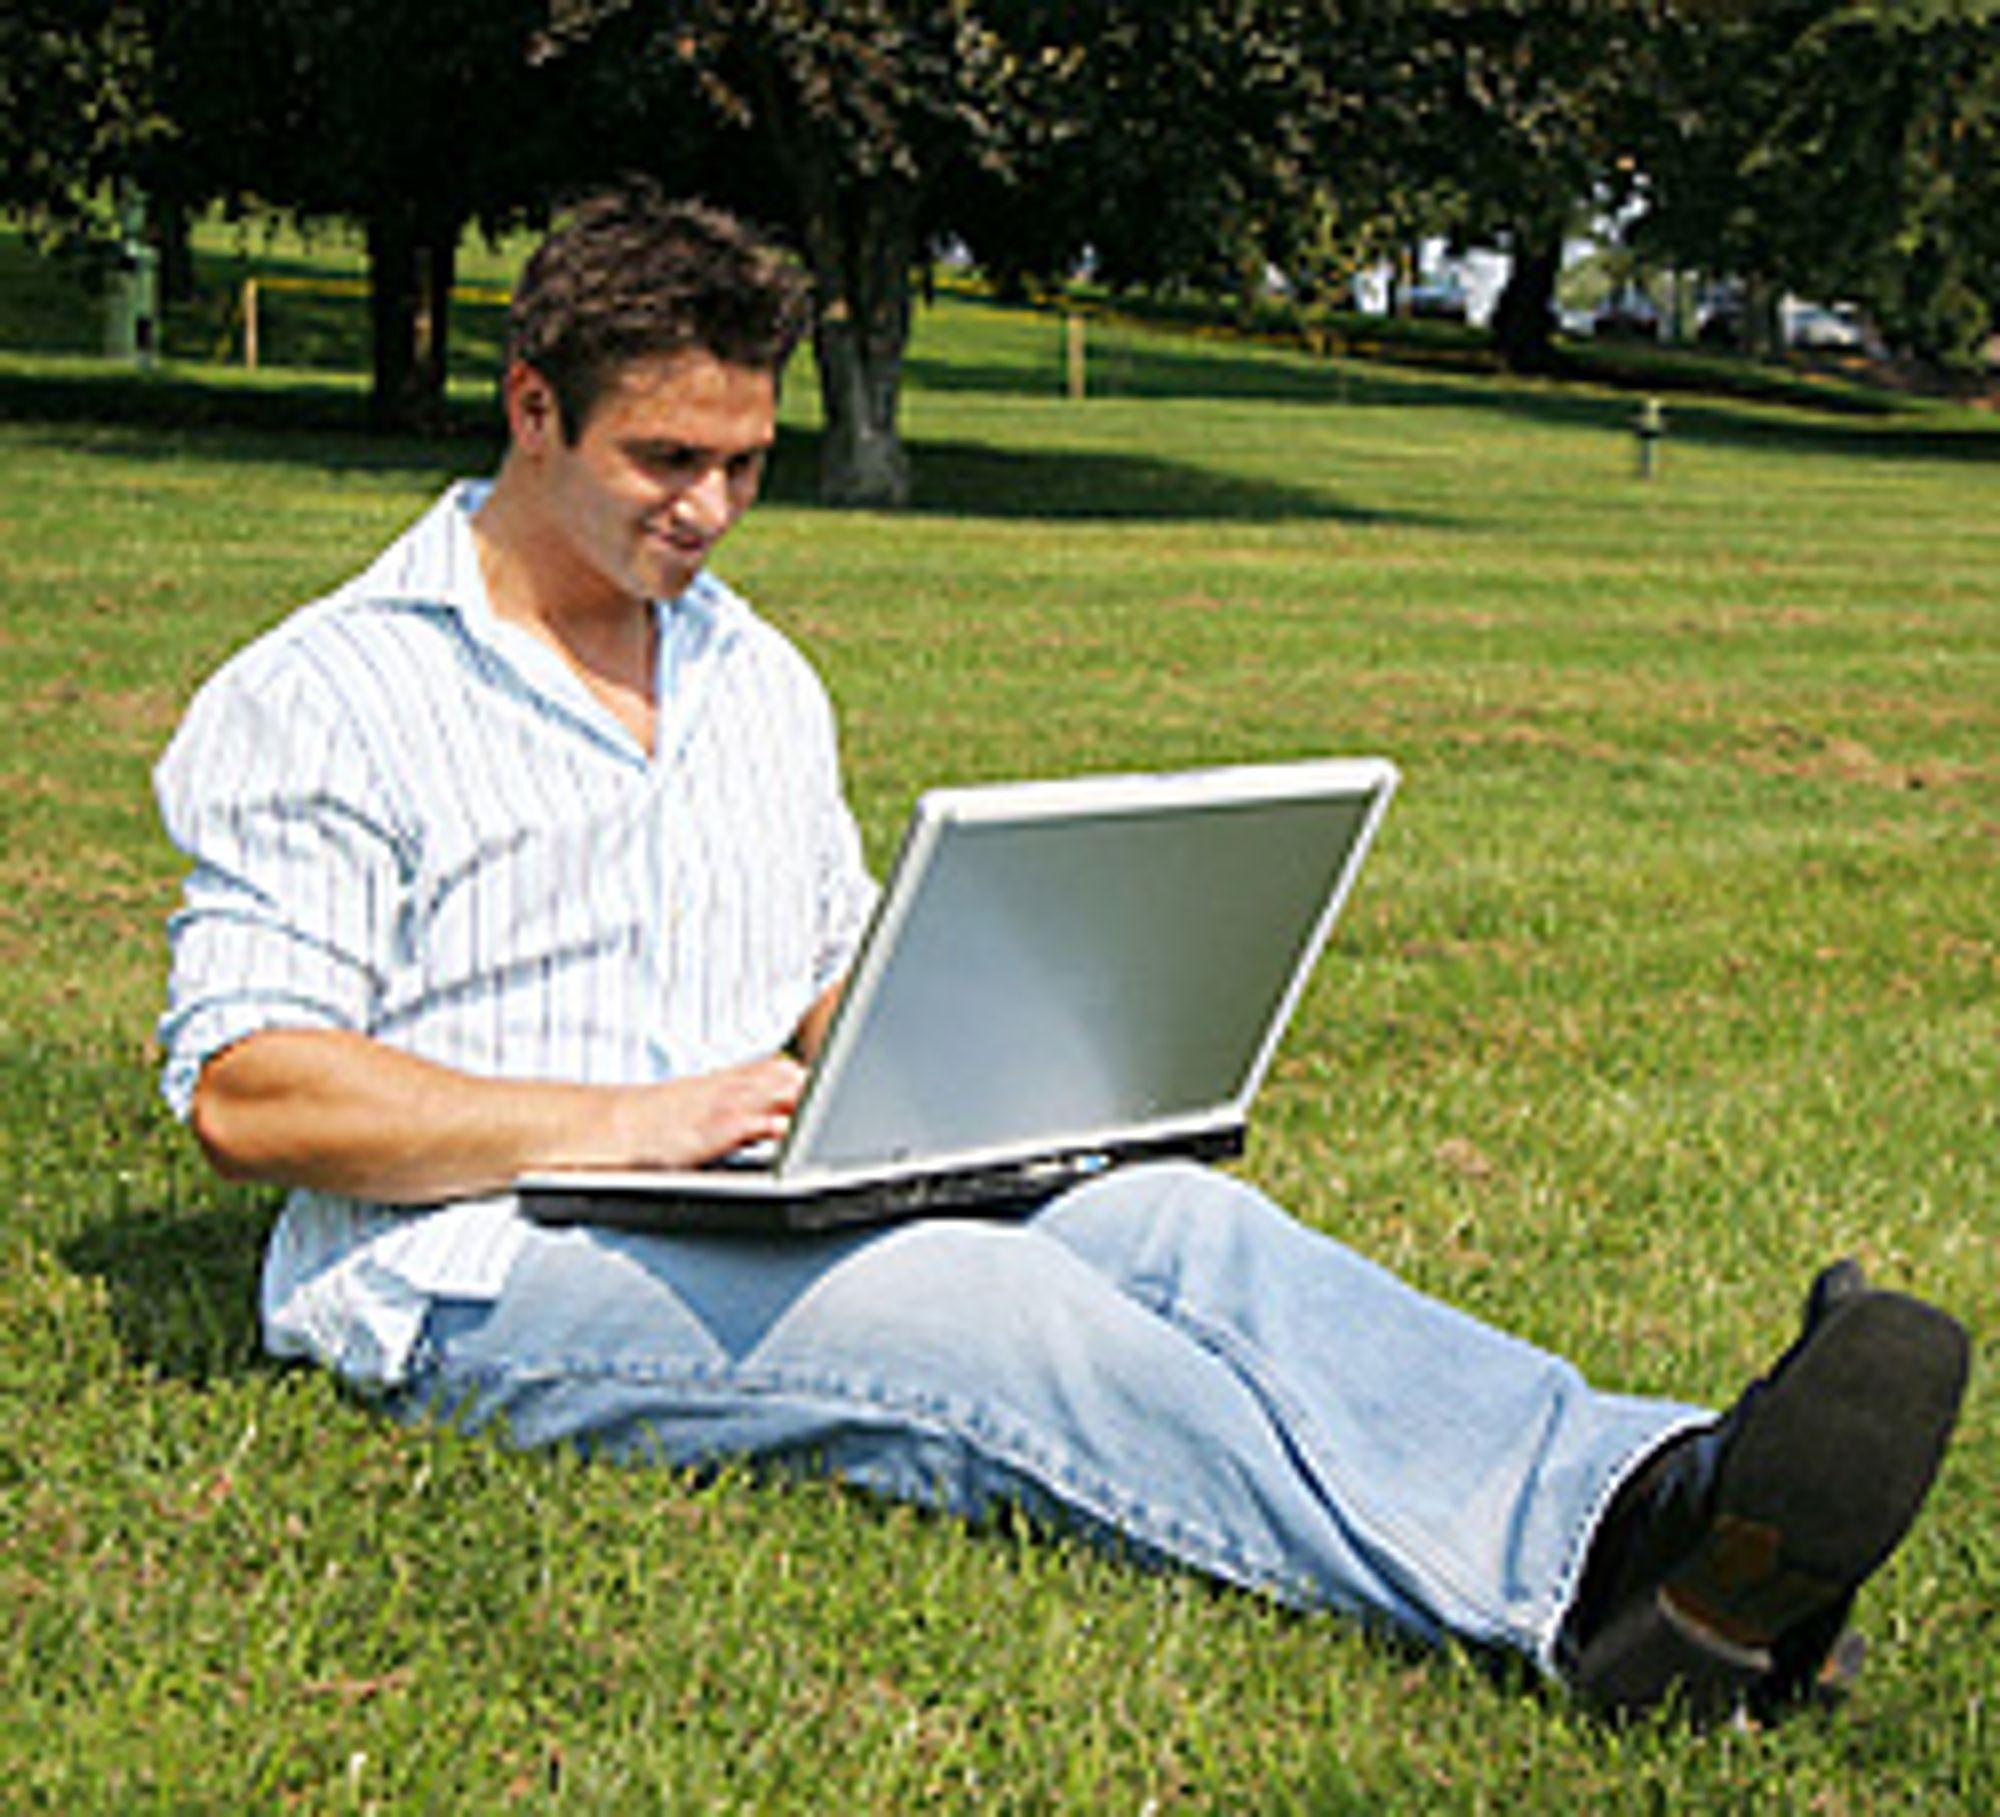 Å surde med PC-en kan være praktisk - men også svindyrt. (Foto: Istockphoto / Nicholas Monu)